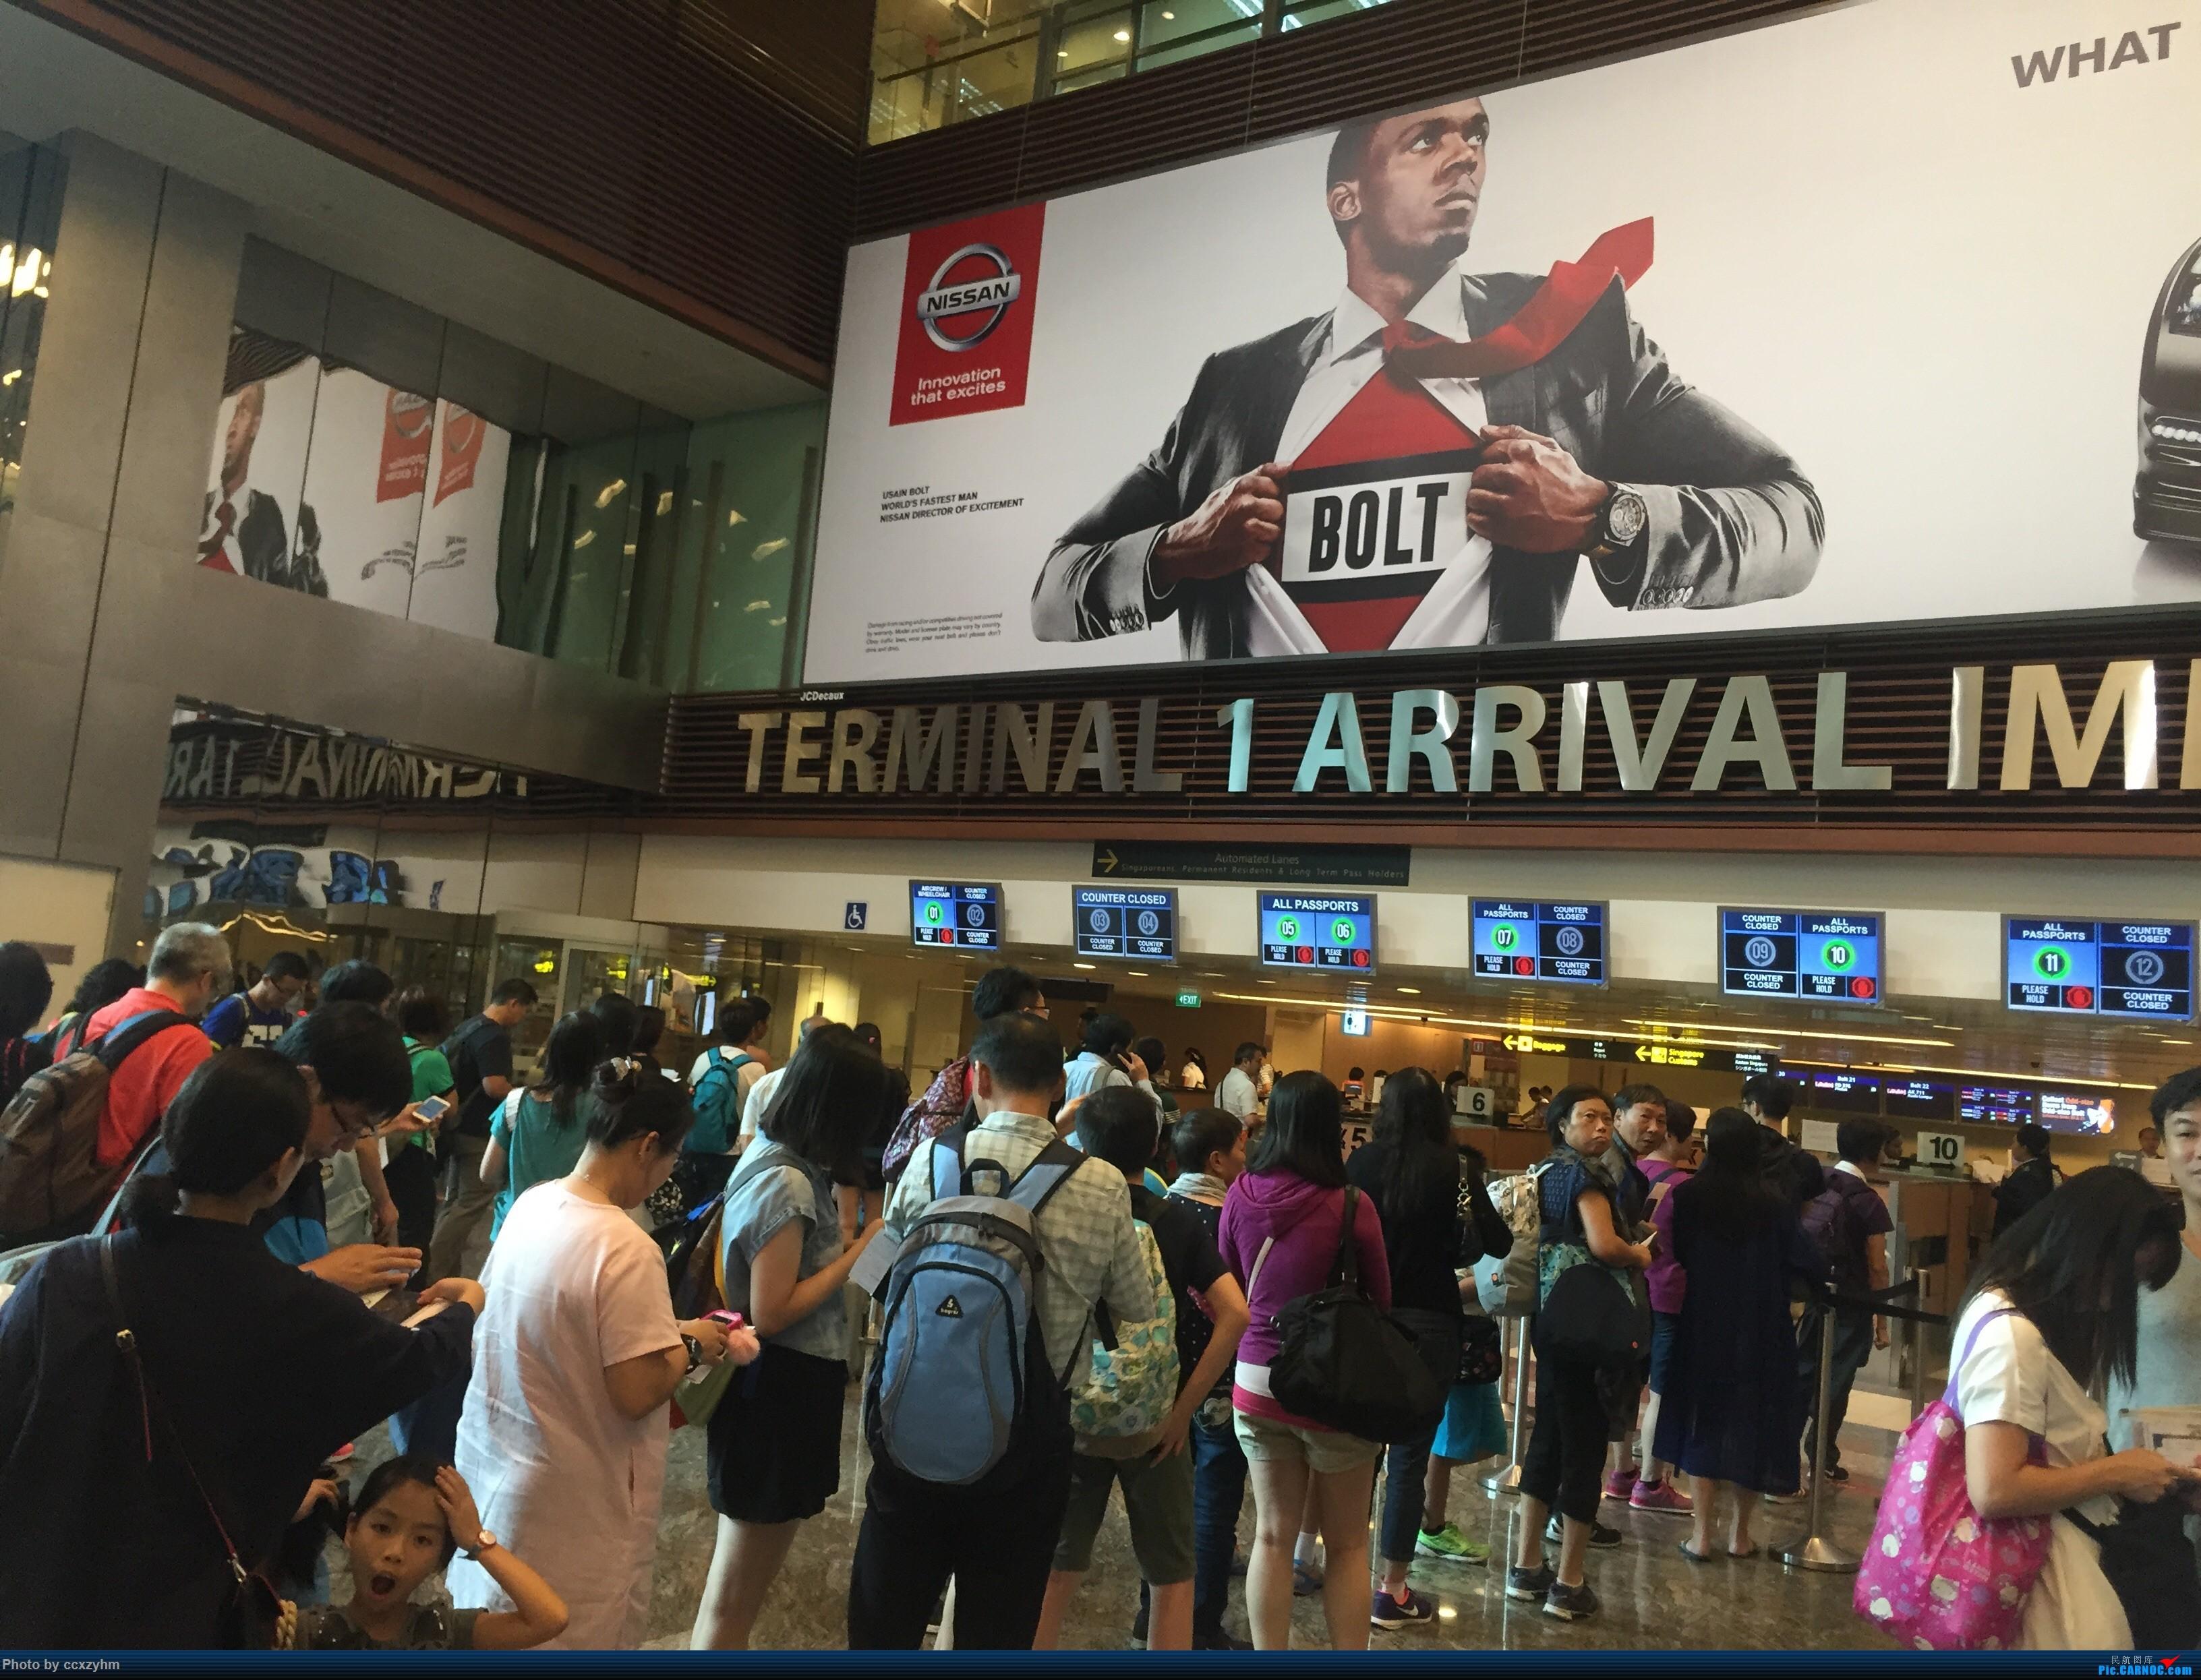 Re:[原创]PEK-HKG-SIN 港龙+国泰 KA+CX 暑假游坡县    新加坡樟宜机场